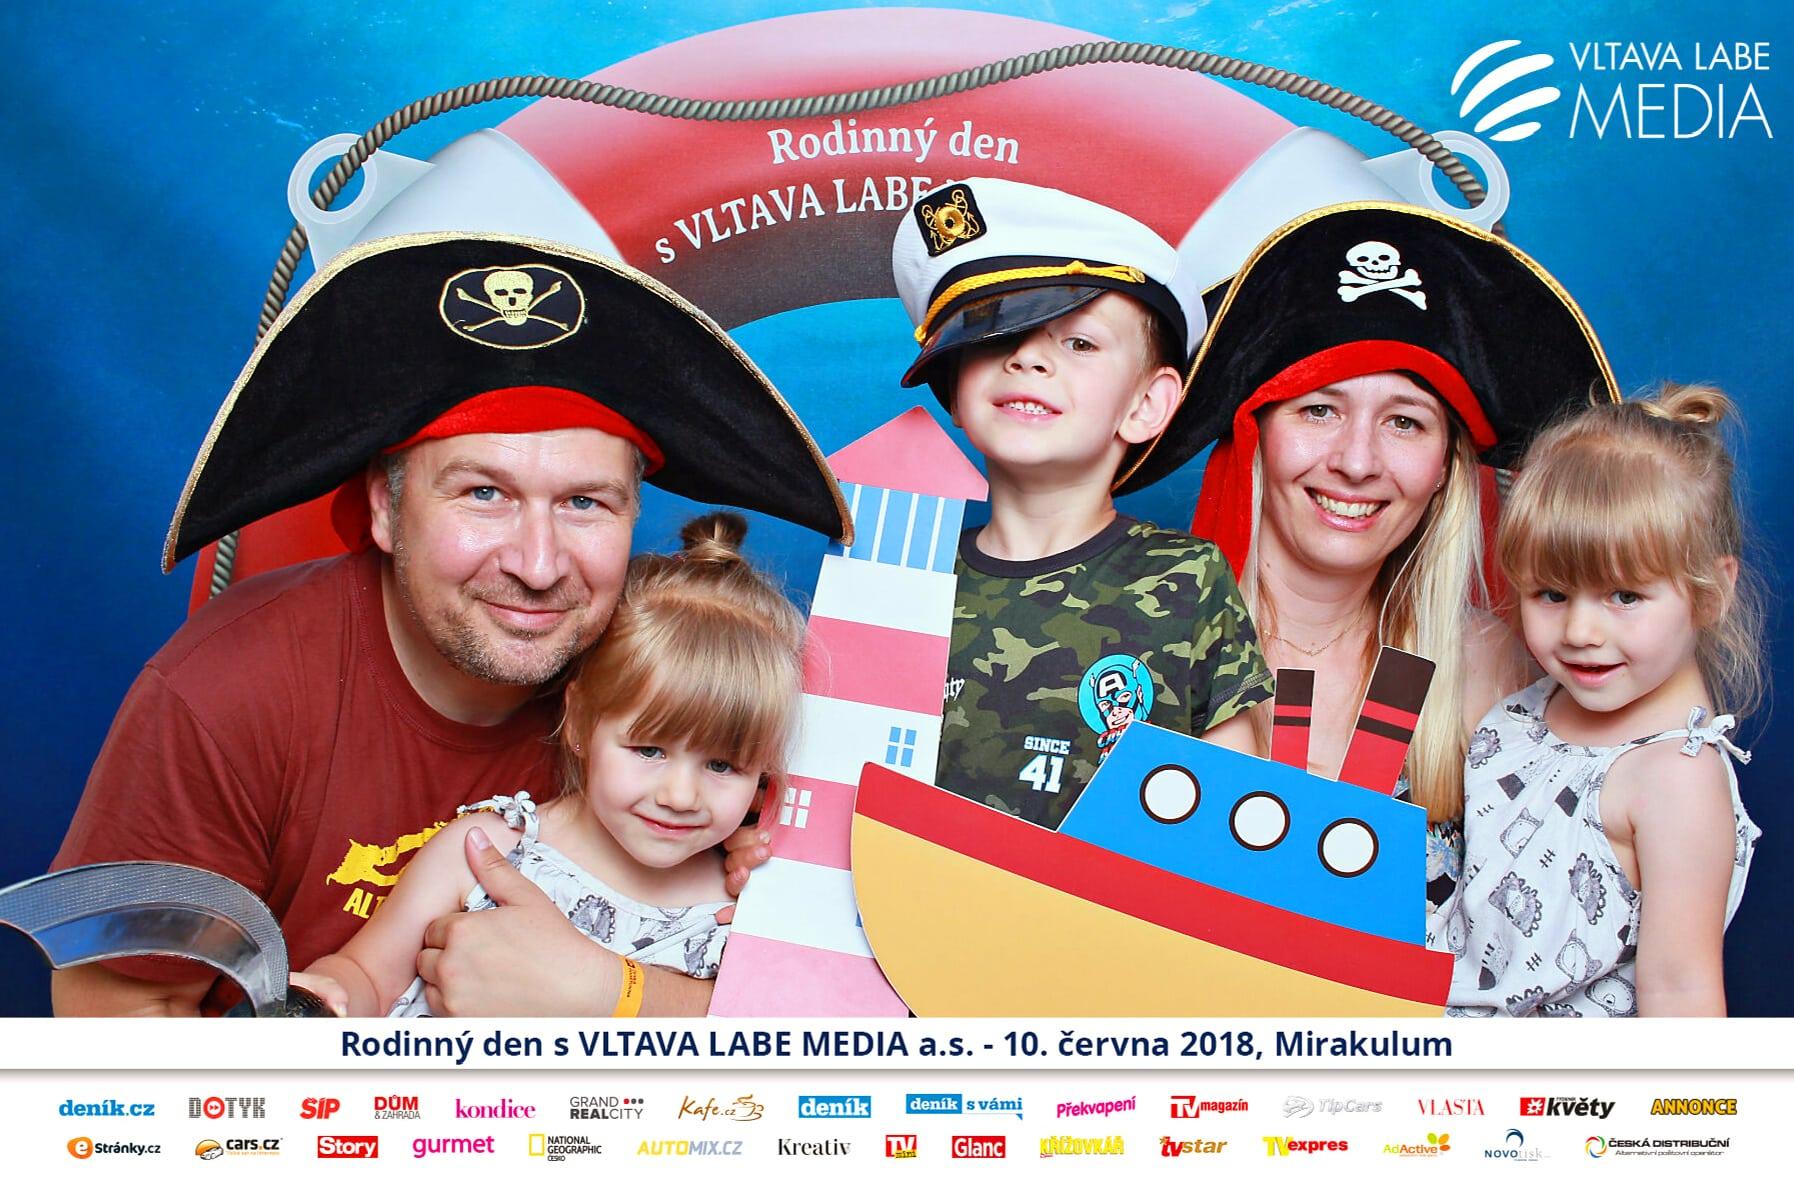 fotokoutek-rodinny-den-s-vltava-labe-media-a-s-10-6-2018-434540